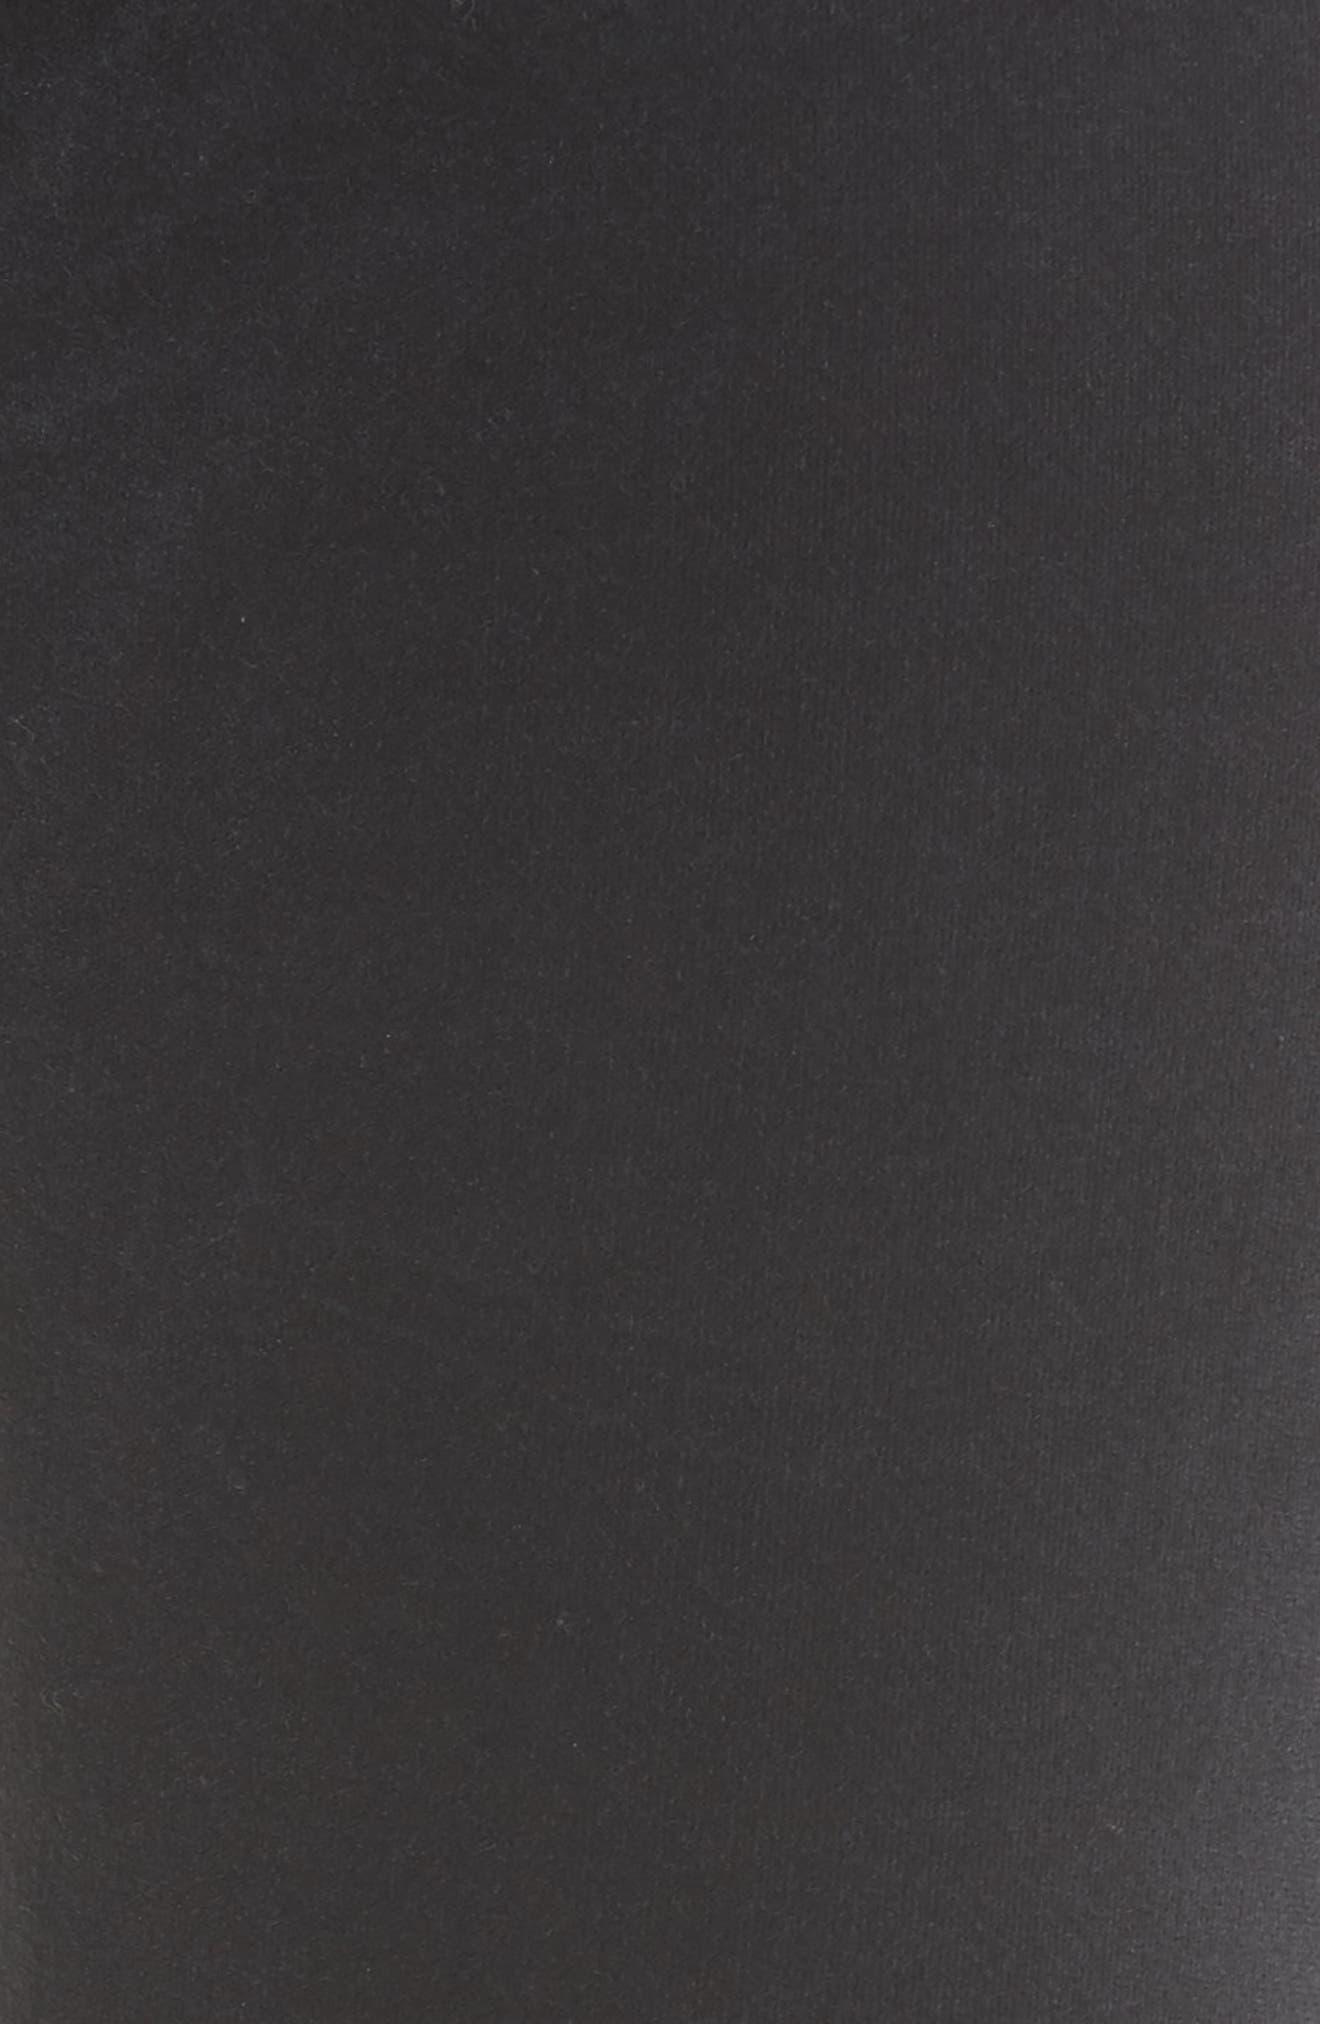 Velvet Skinny Jeans,                             Alternate thumbnail 5, color,                             002